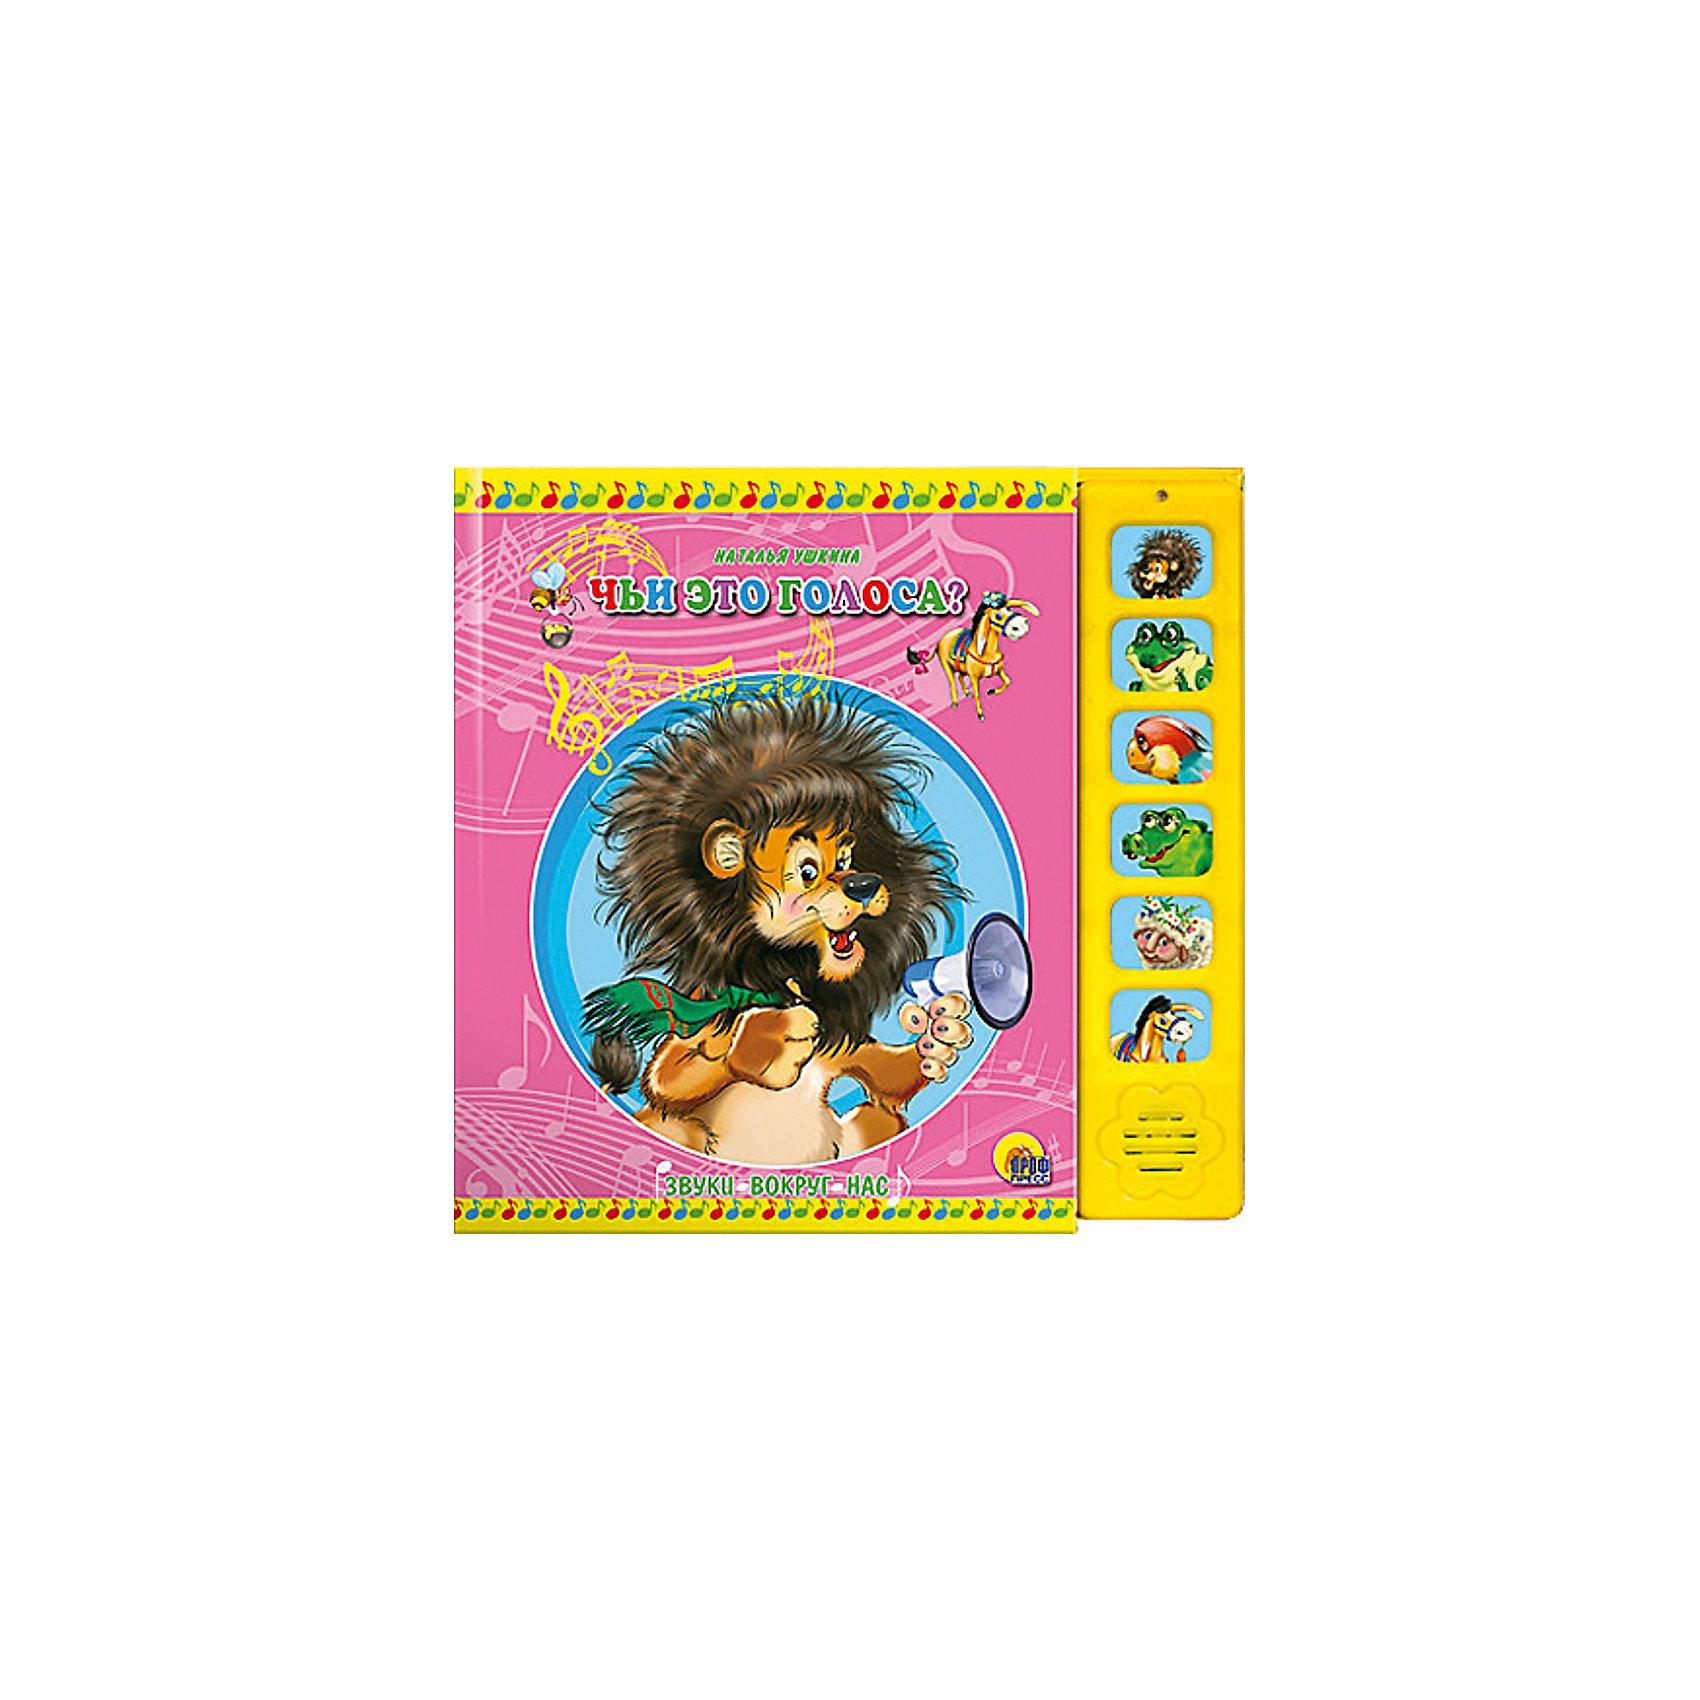 Чьи это голоса? Звуки вокруг насМузыкальные книги<br>Серия книг  Звуки вокруг нас поможет ребенку научиться соотносить звуки и предметы или животных, которые их издают. Книги - это лучший подарок не только взрослым, они помогают детям познавать мир и учиться читать, также книги позволяют ребенку весело проводить время. Они также стимулируют развитие воображения, логики и творческого мышления.<br>Это издание сделано специально для самых маленьких - с плотными страничками, стихами и звуковым модулем. Яркие картинки обязательно понравятся малышам! Книга сделана из качественных и безопасных для детей материалов.<br>  <br>Дополнительная информация:<br><br>материал: картон; <br>размер: 22х22 см;<br>страниц: 12;<br>вес: 400 г;<br>батарейки: 3 шт. типа AG10 (входят в комплект).<br><br>Книгу со звуковым модулем Звуки вокруг нас. Чьи это голоса? от издательства Проф-Пресс можно купить в нашем магазине.<br><br>Ширина мм: 217<br>Глубина мм: 12<br>Высота мм: 220<br>Вес г: 400<br>Возраст от месяцев: 0<br>Возраст до месяцев: 60<br>Пол: Унисекс<br>Возраст: Детский<br>SKU: 4787278